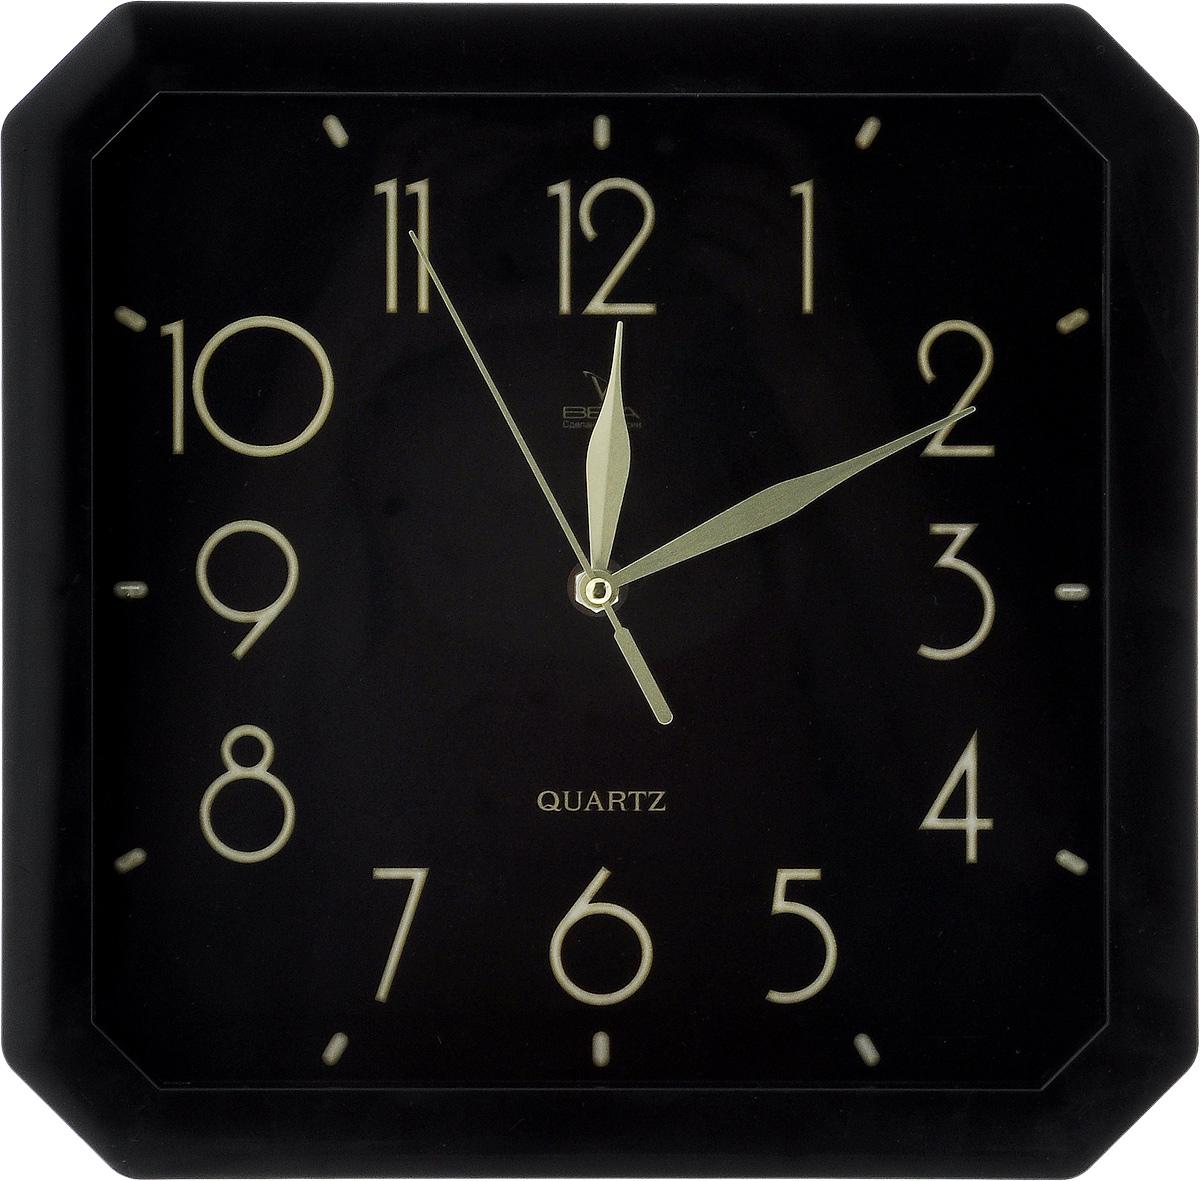 Часы настенные Вега Классика, 28 х 28 см. П4-6/6-74П4-6/6-74Настенные кварцевые часы Вега Классика, изготовленные из пластика, прекрасно впишутся в интерьер вашего дома. Часы имеют три стрелки: часовую, минутную и секундную, циферблат защищен прозрачным стеклом. Часы работают от 1 батарейки типа АА напряжением 1,5 В (не входит в комплект). Прилагается инструкция по эксплуатации.